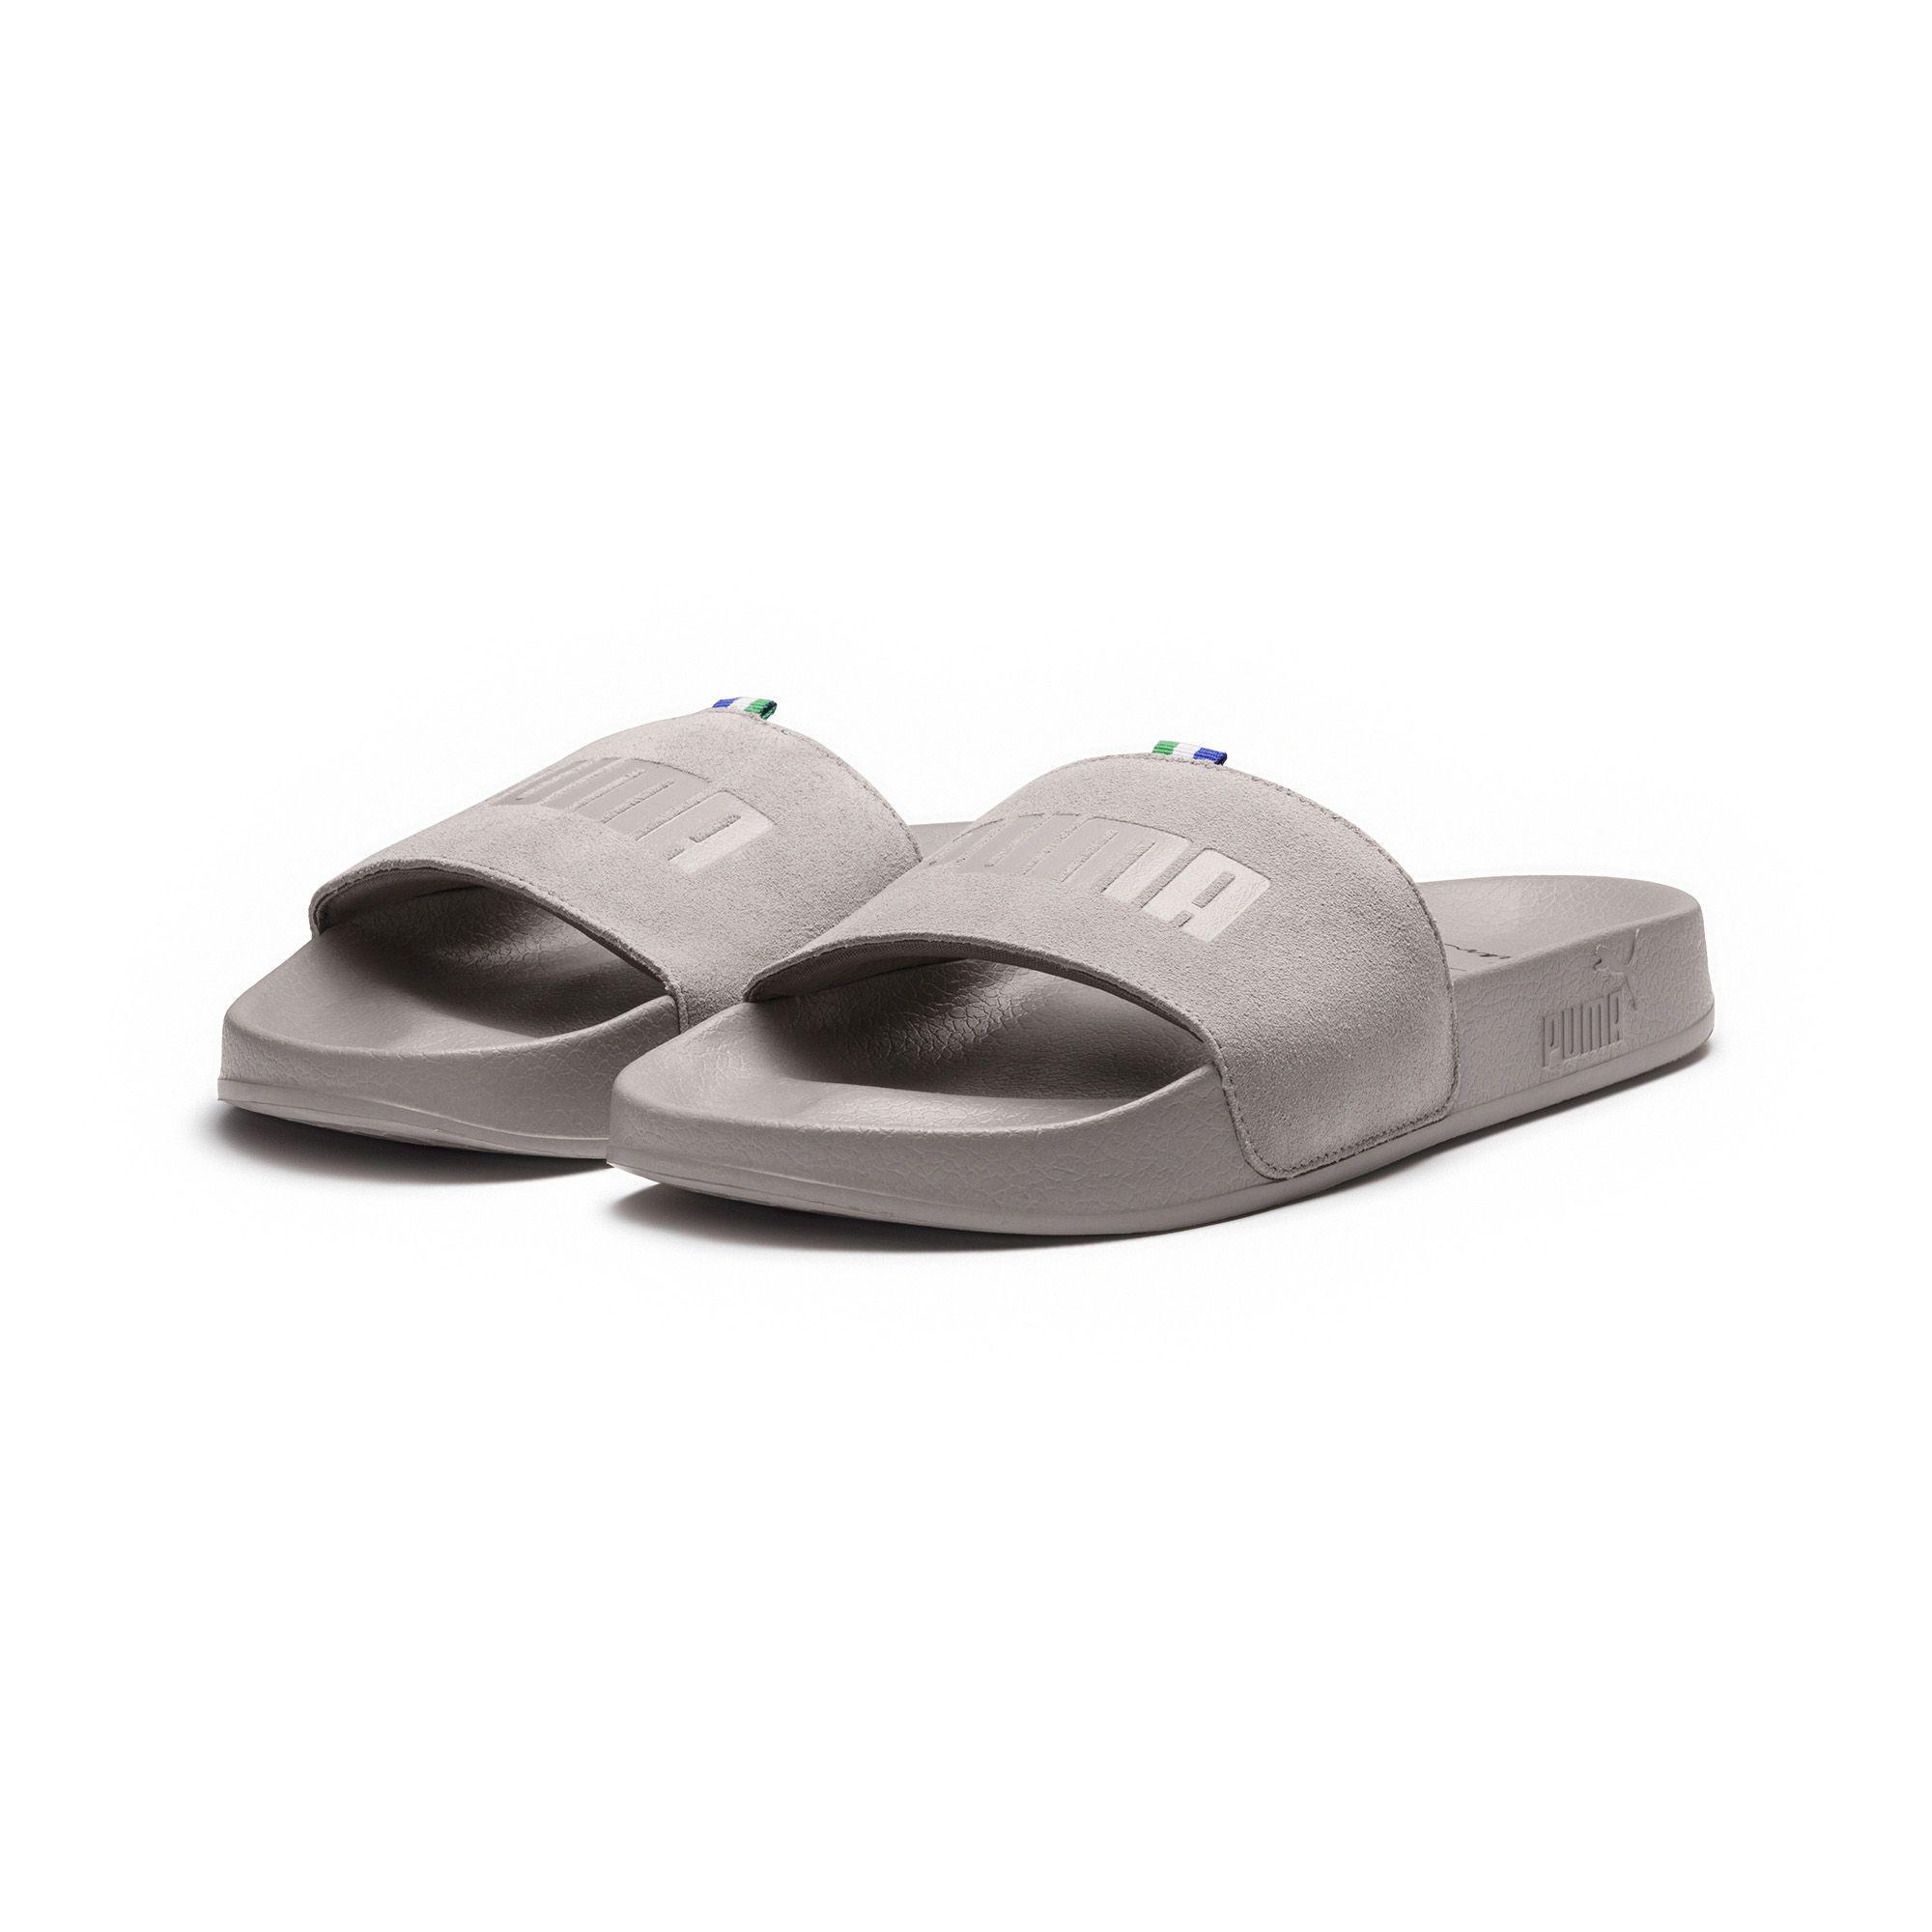 5e6524416c33 PUMA - Multicolor X Big Sean Leadcat Sandals for Men - Lyst. View fullscreen